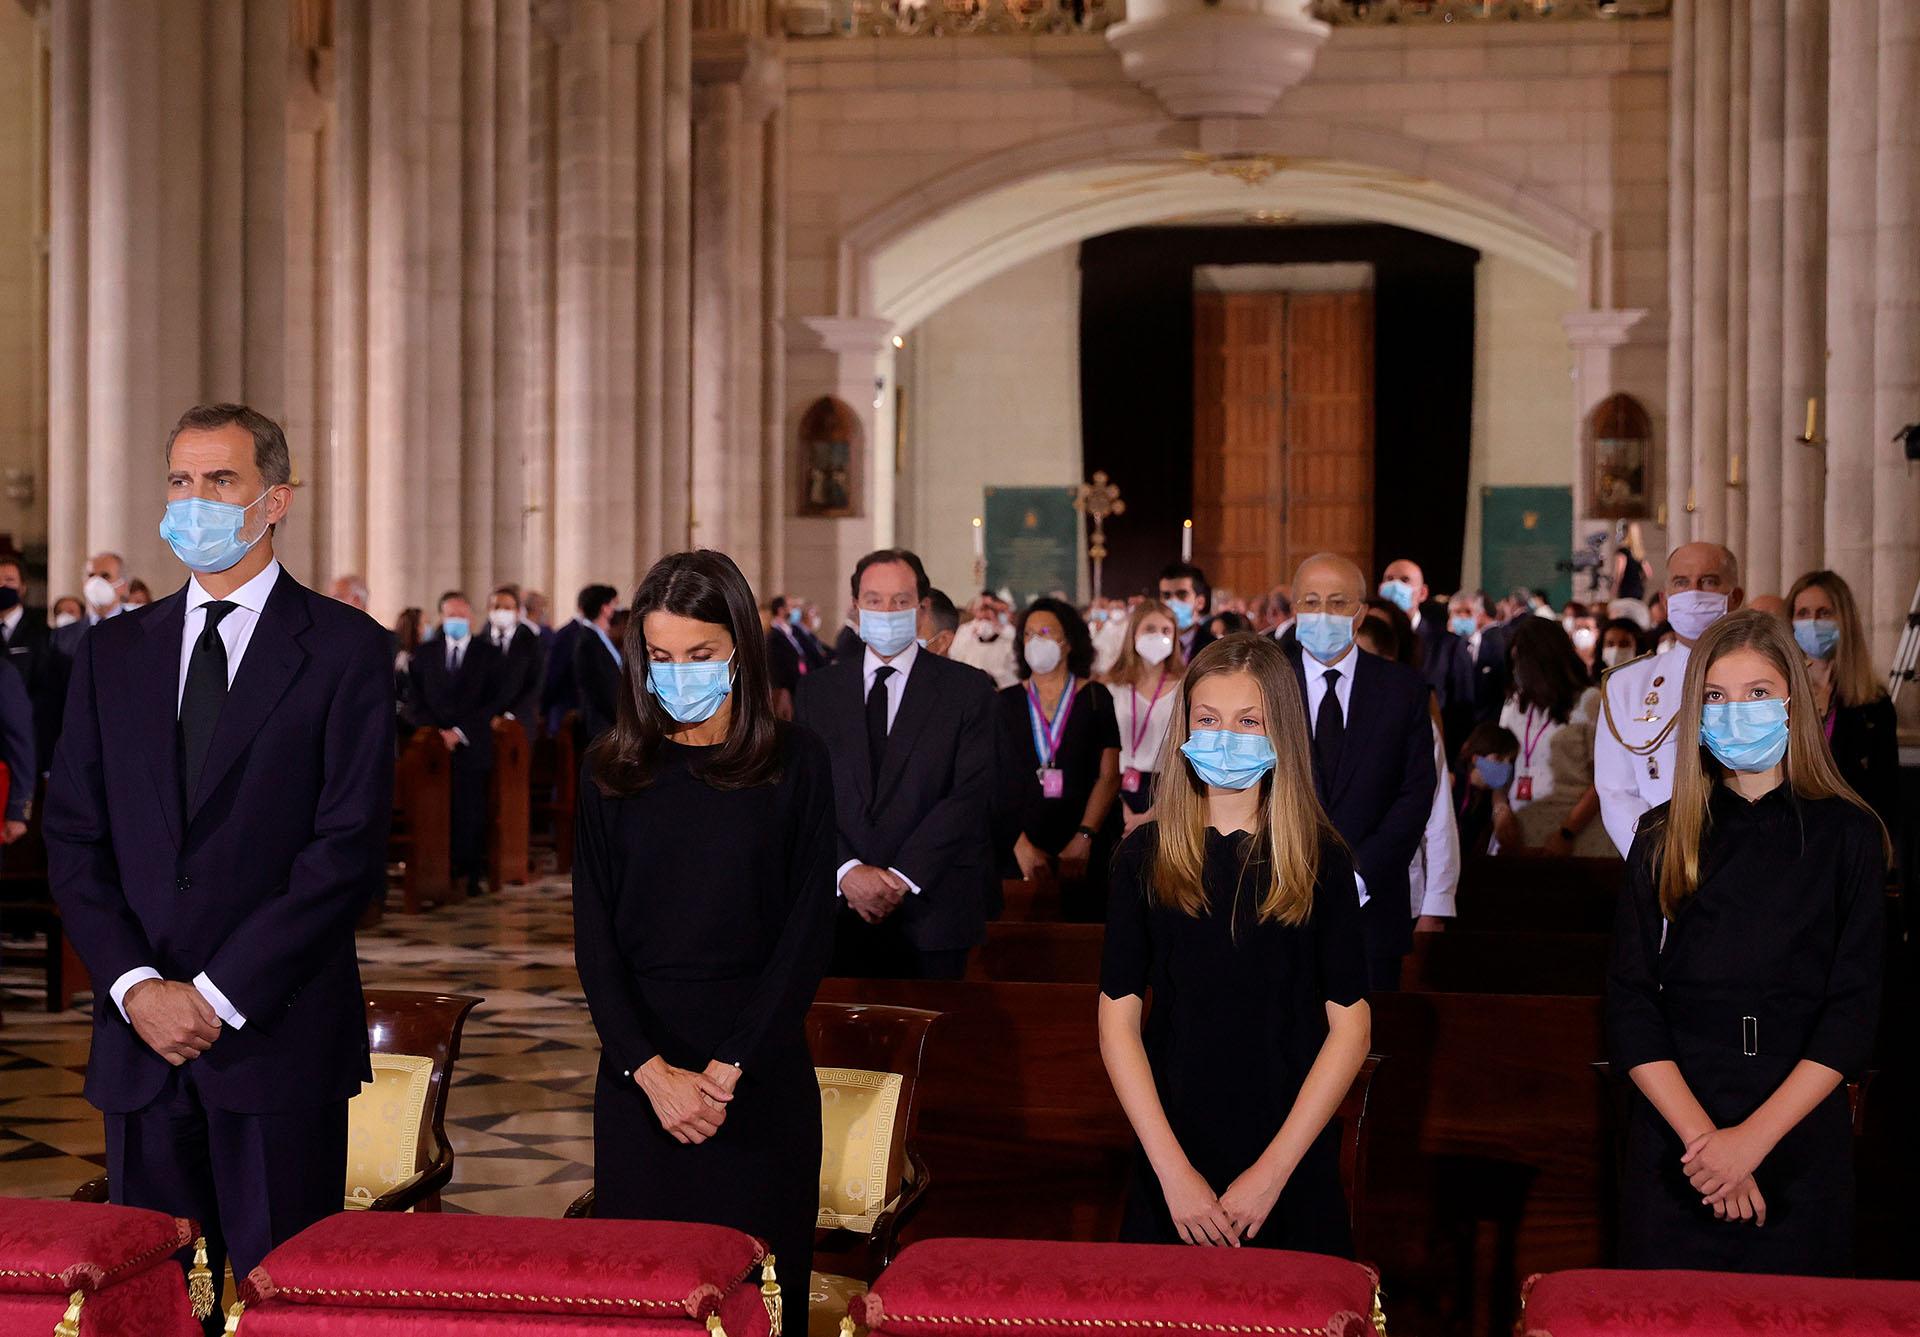 El 16 de julio se realizará otro homenaje a las casi 30 mil víctimas y al personal sanitario. Se llevará a cabo en el Patio de la Armería del Palacio Real